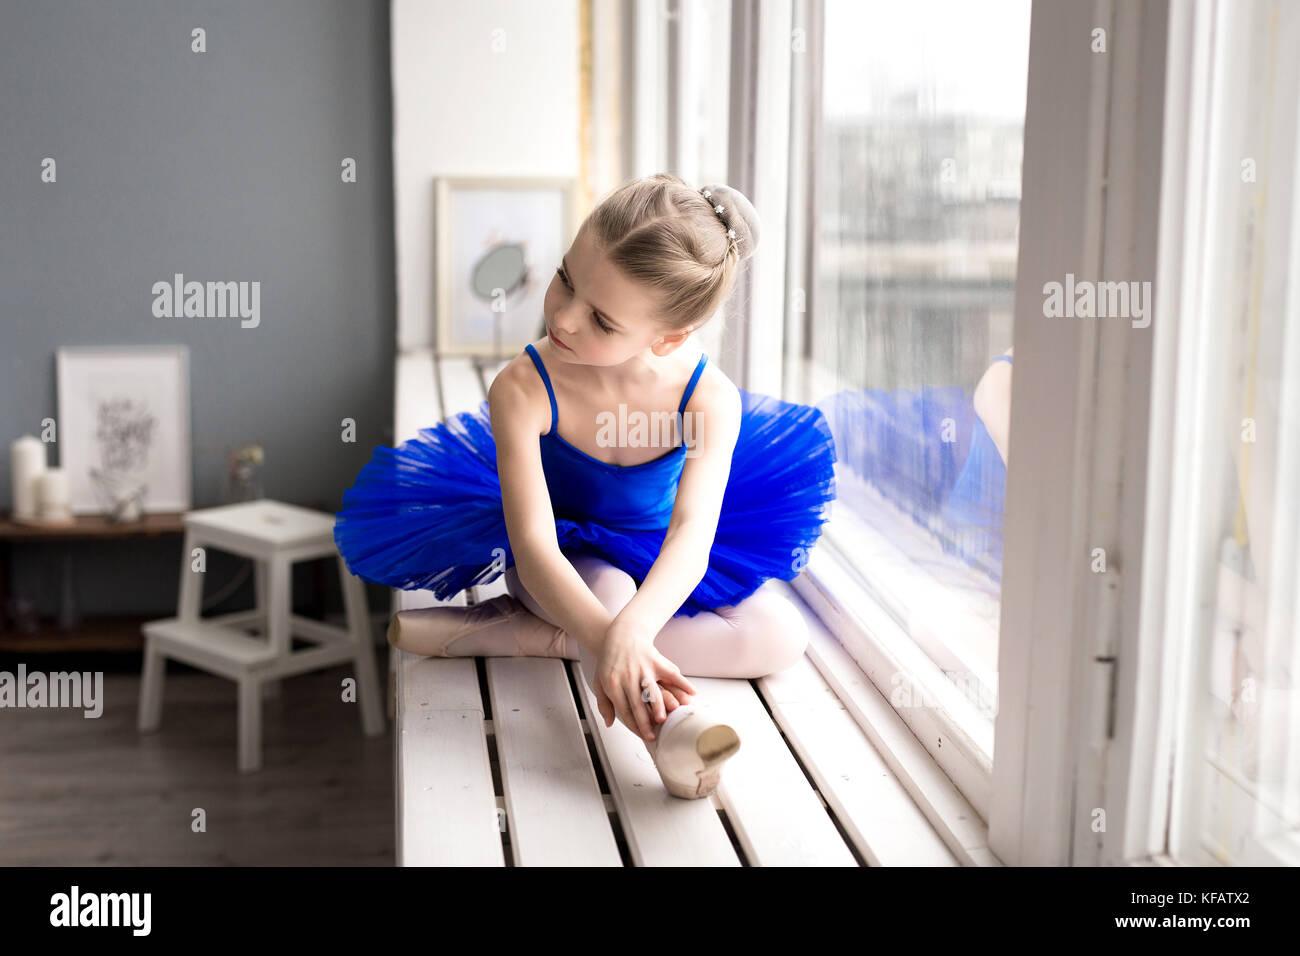 Petite fille rêve de devenir une ballerine. La jeune fille dans un costume de danse ballet bleu dans une chambre. Photo Stock